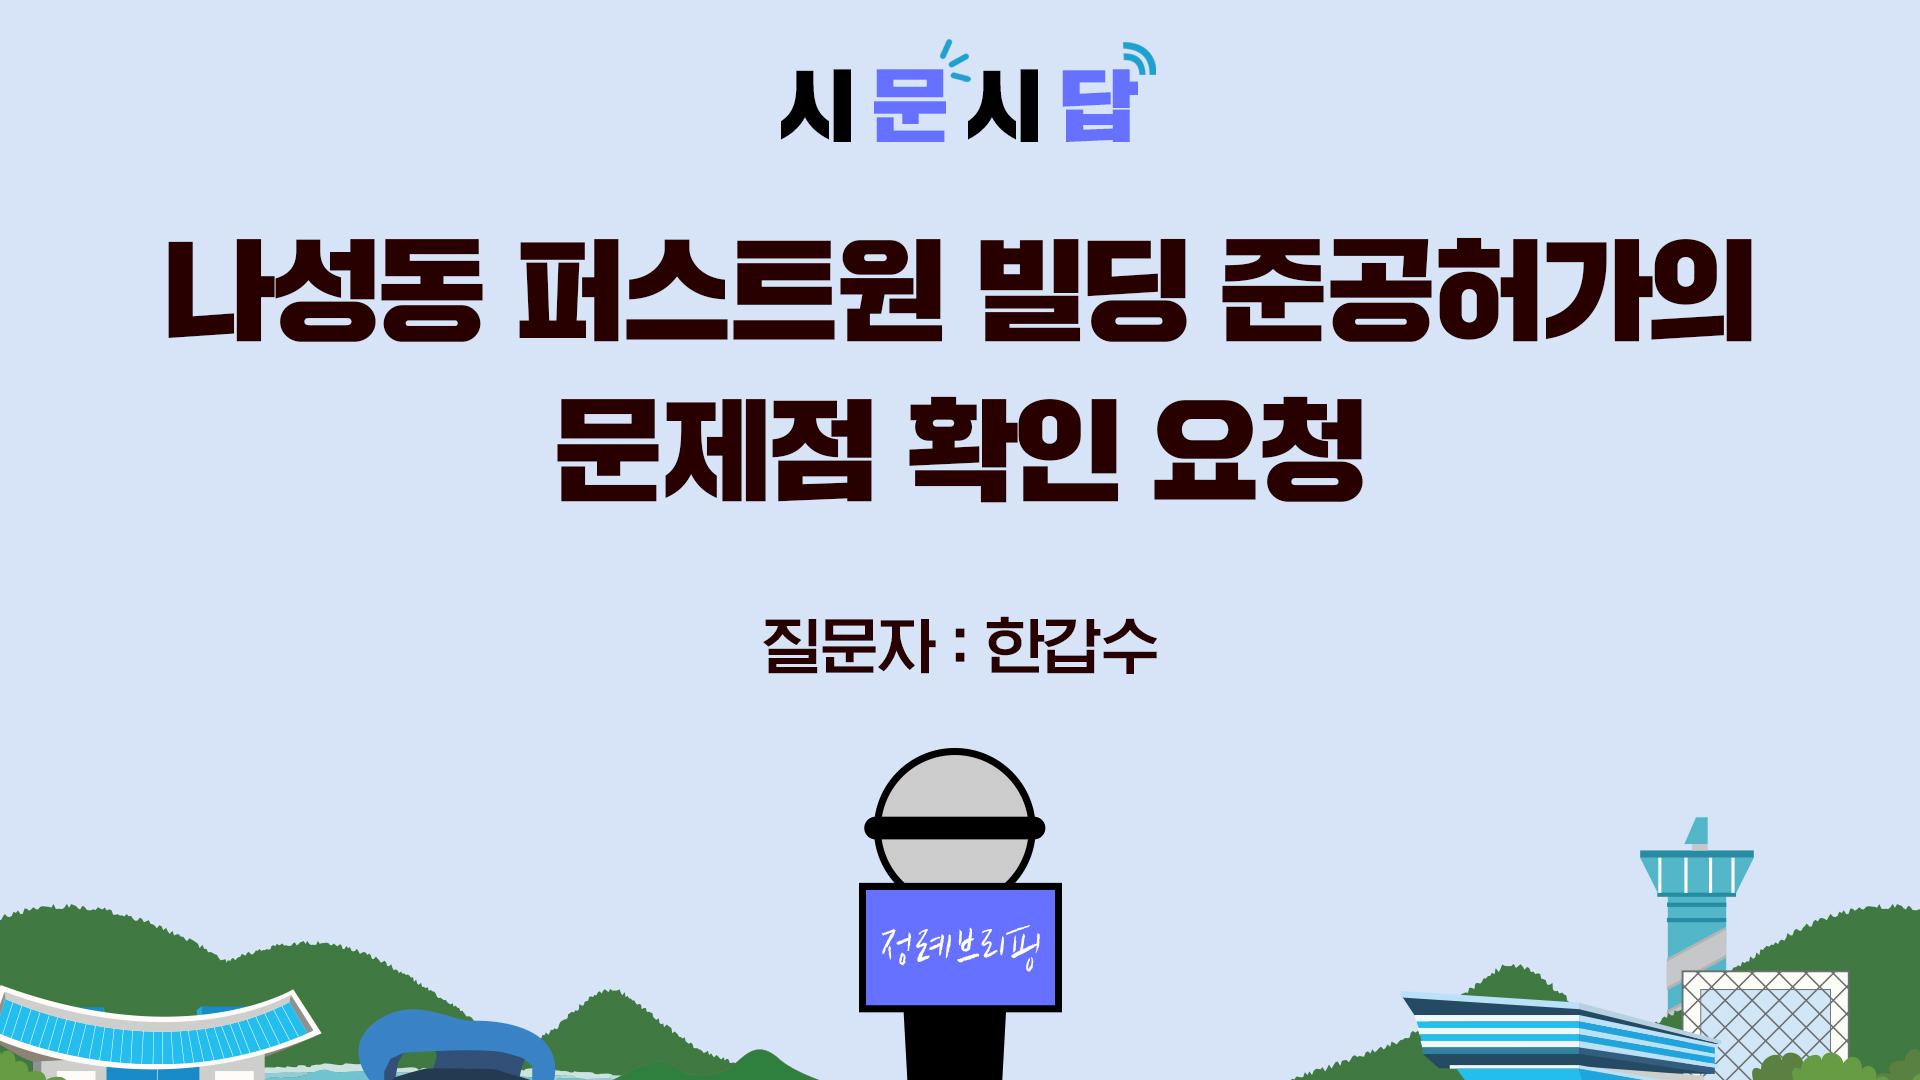 <시문시답> 나성동 퍼스트원 빌딩 준공허가의 문제점 확인 요청